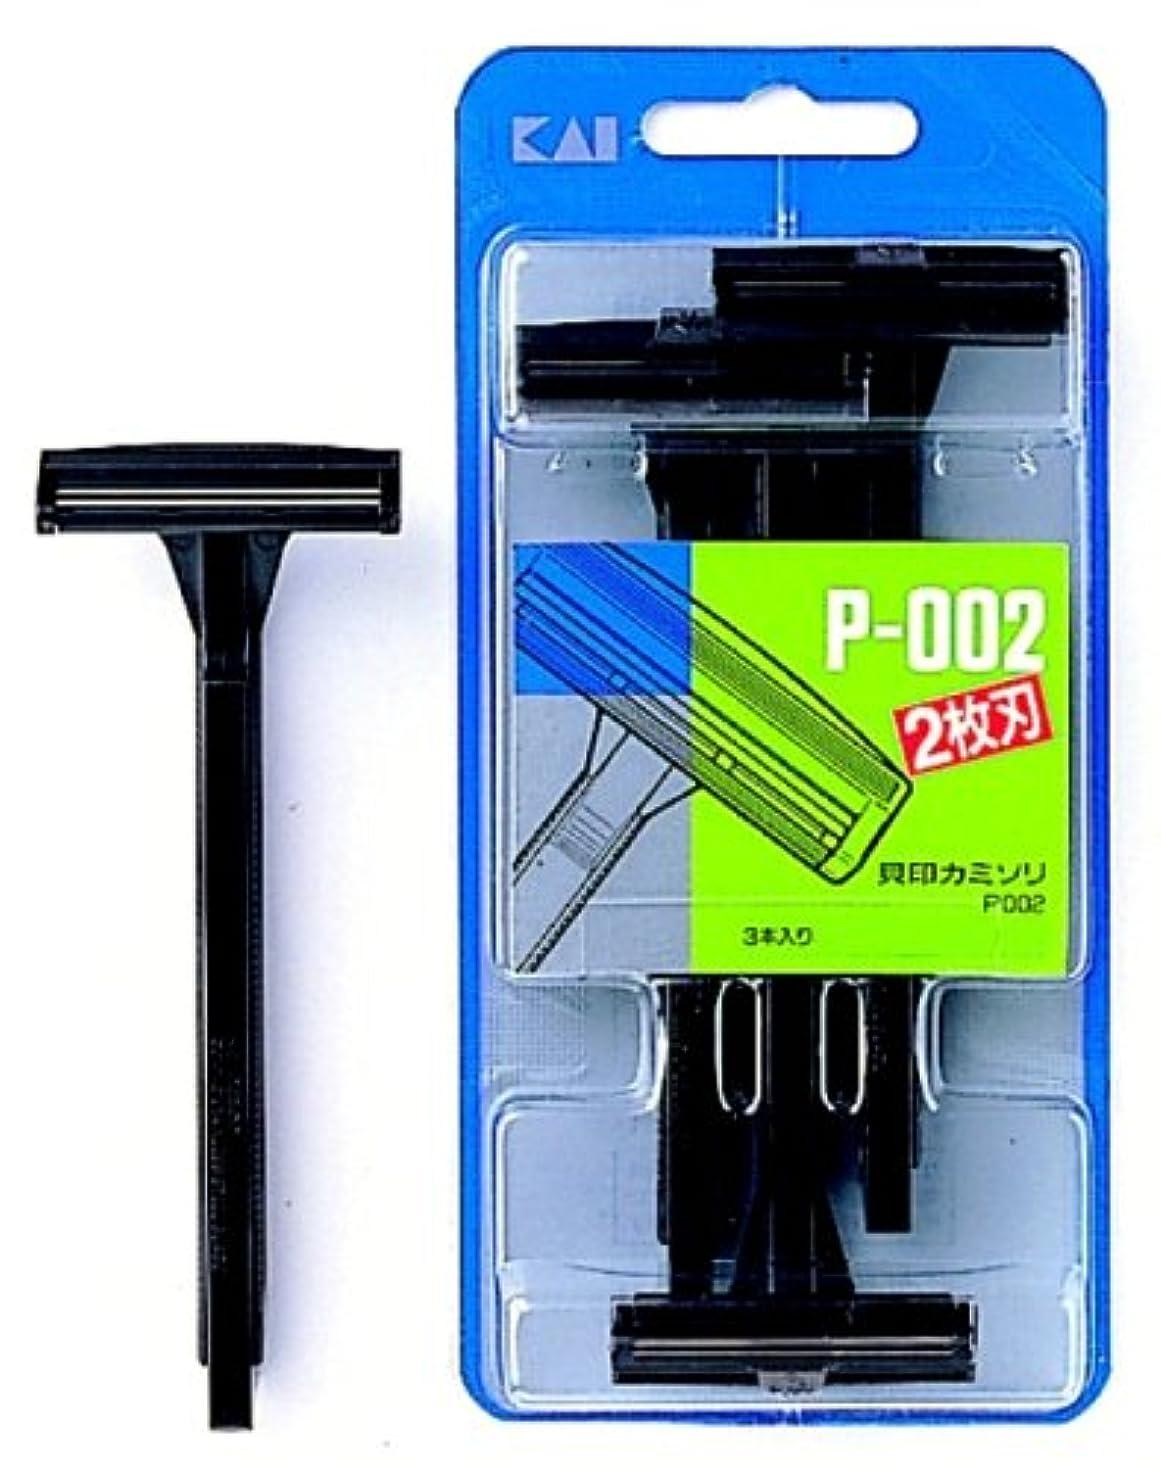 サービス湿地盗難カミソリ P002 P002-3B